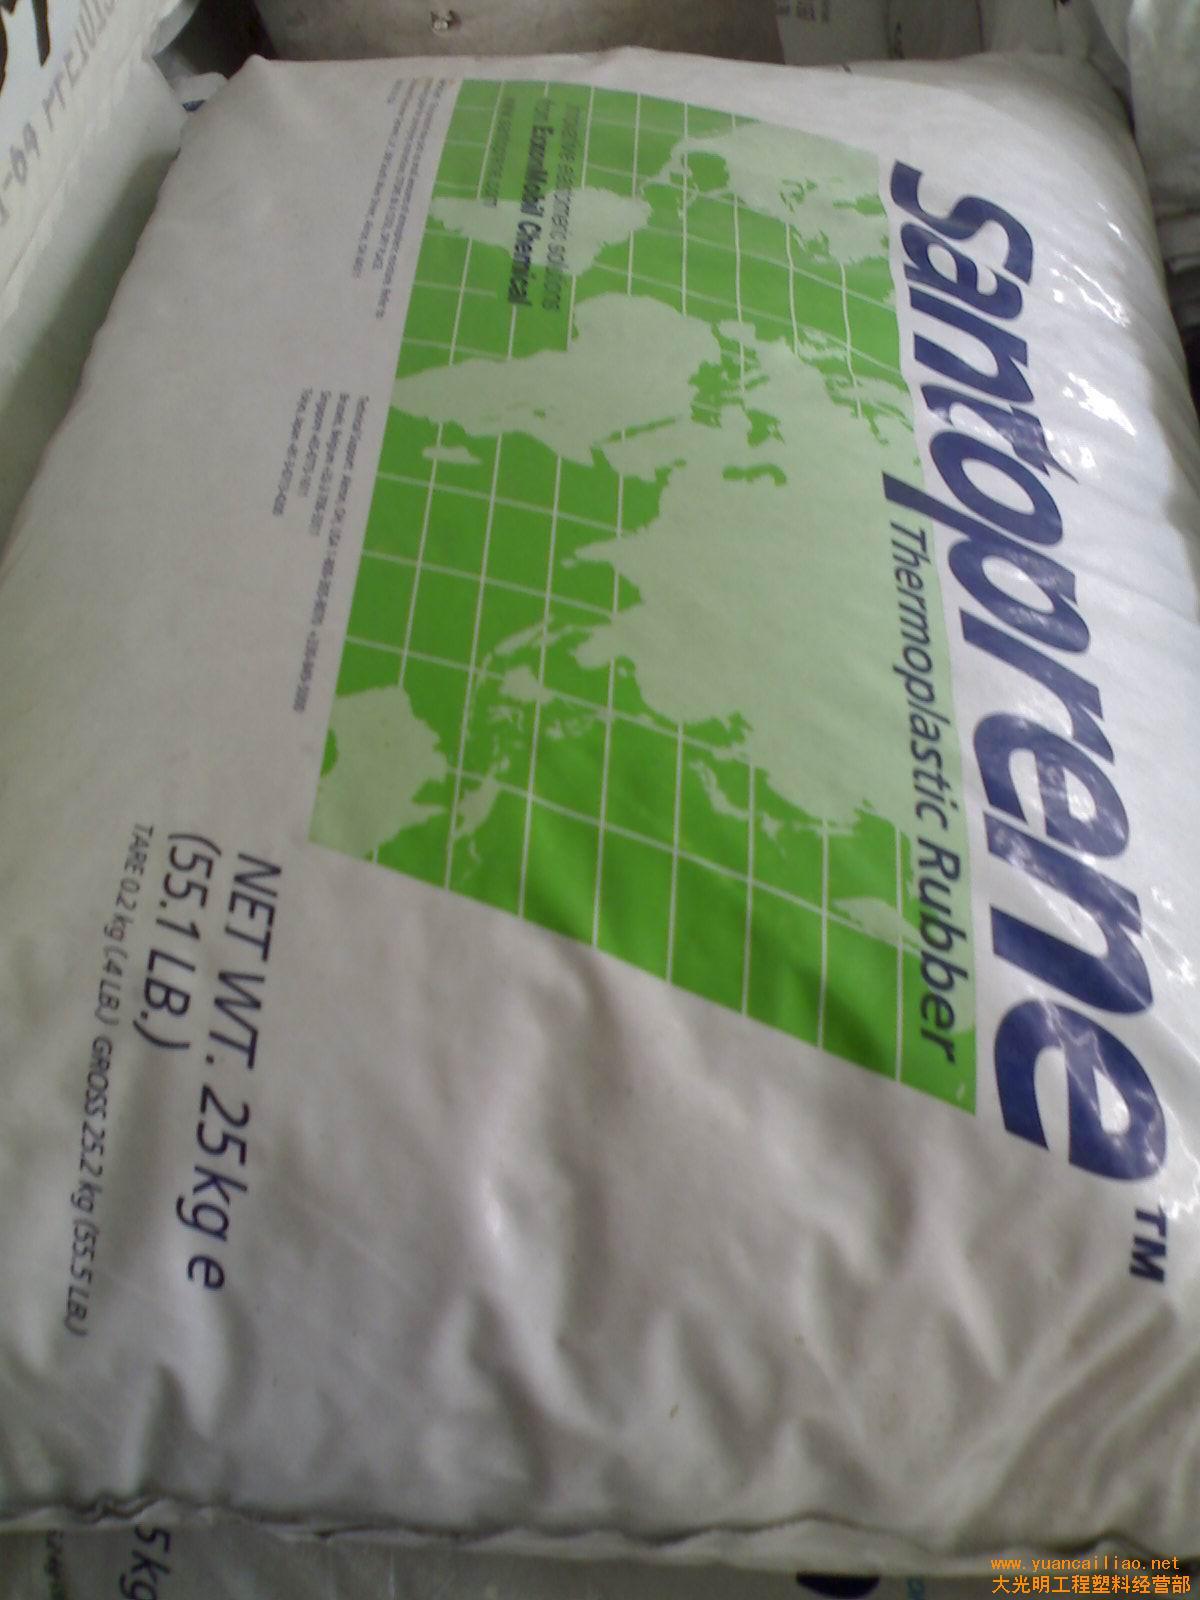 山都平Santoprene®(TPV)塑胶原料